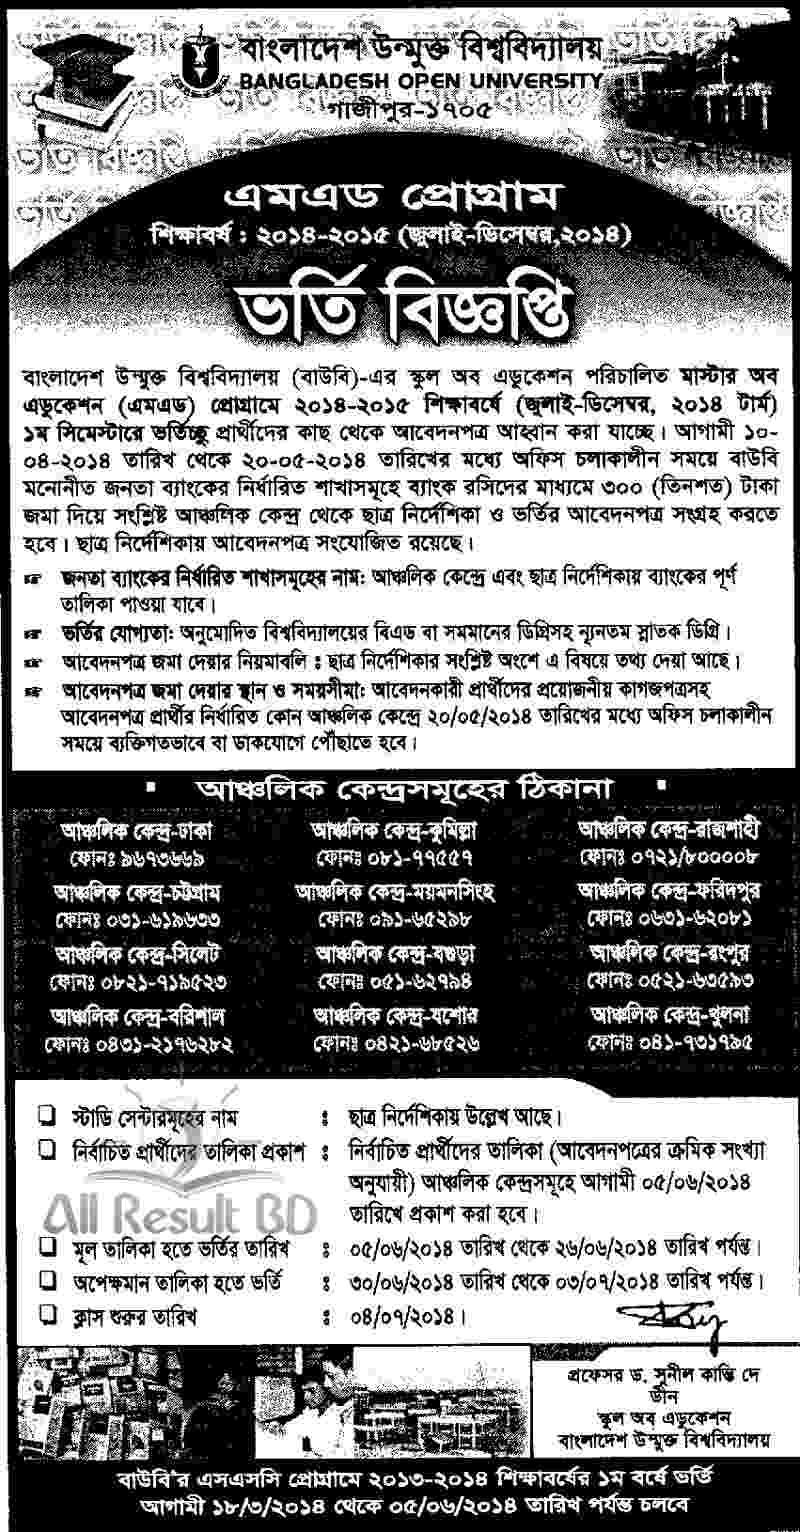 Bangladesh Open University M.Ed admission Notice 2014-2015